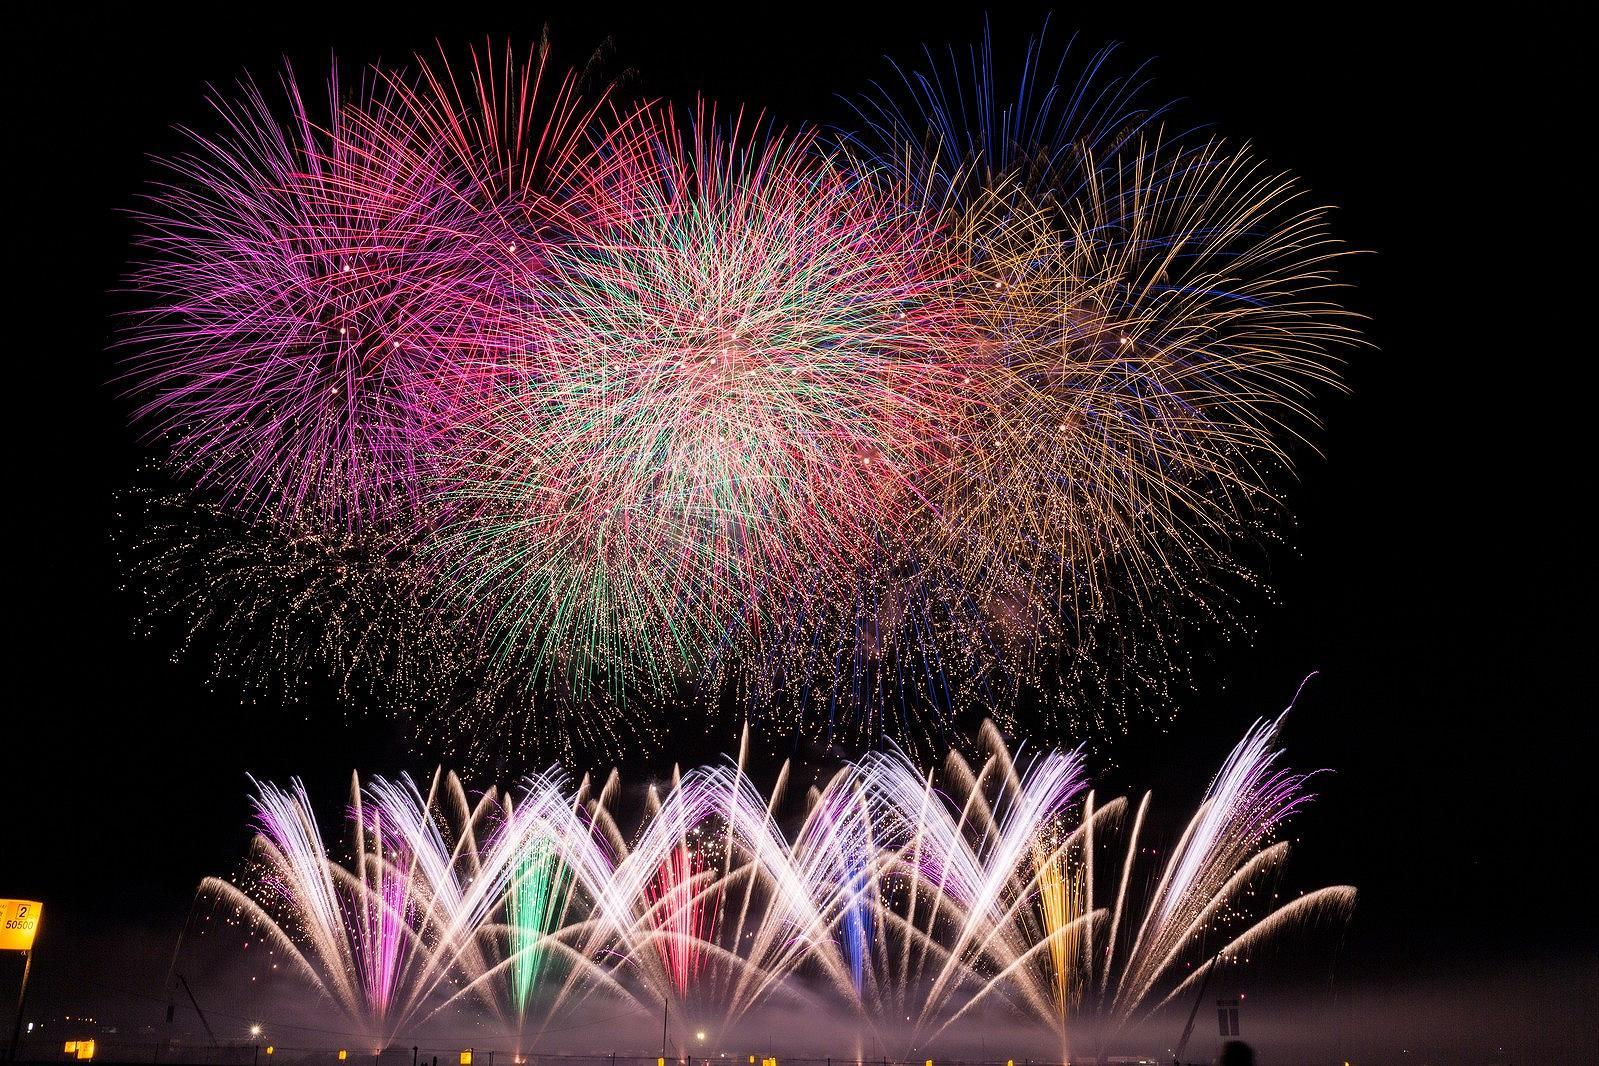 「第38回いたみ花火大会」が猪名川神津大橋南側河川敷で8月25日(土)に開催されるよ! #いたみ花火大会 #花火 #伊丹市 #夏祭り